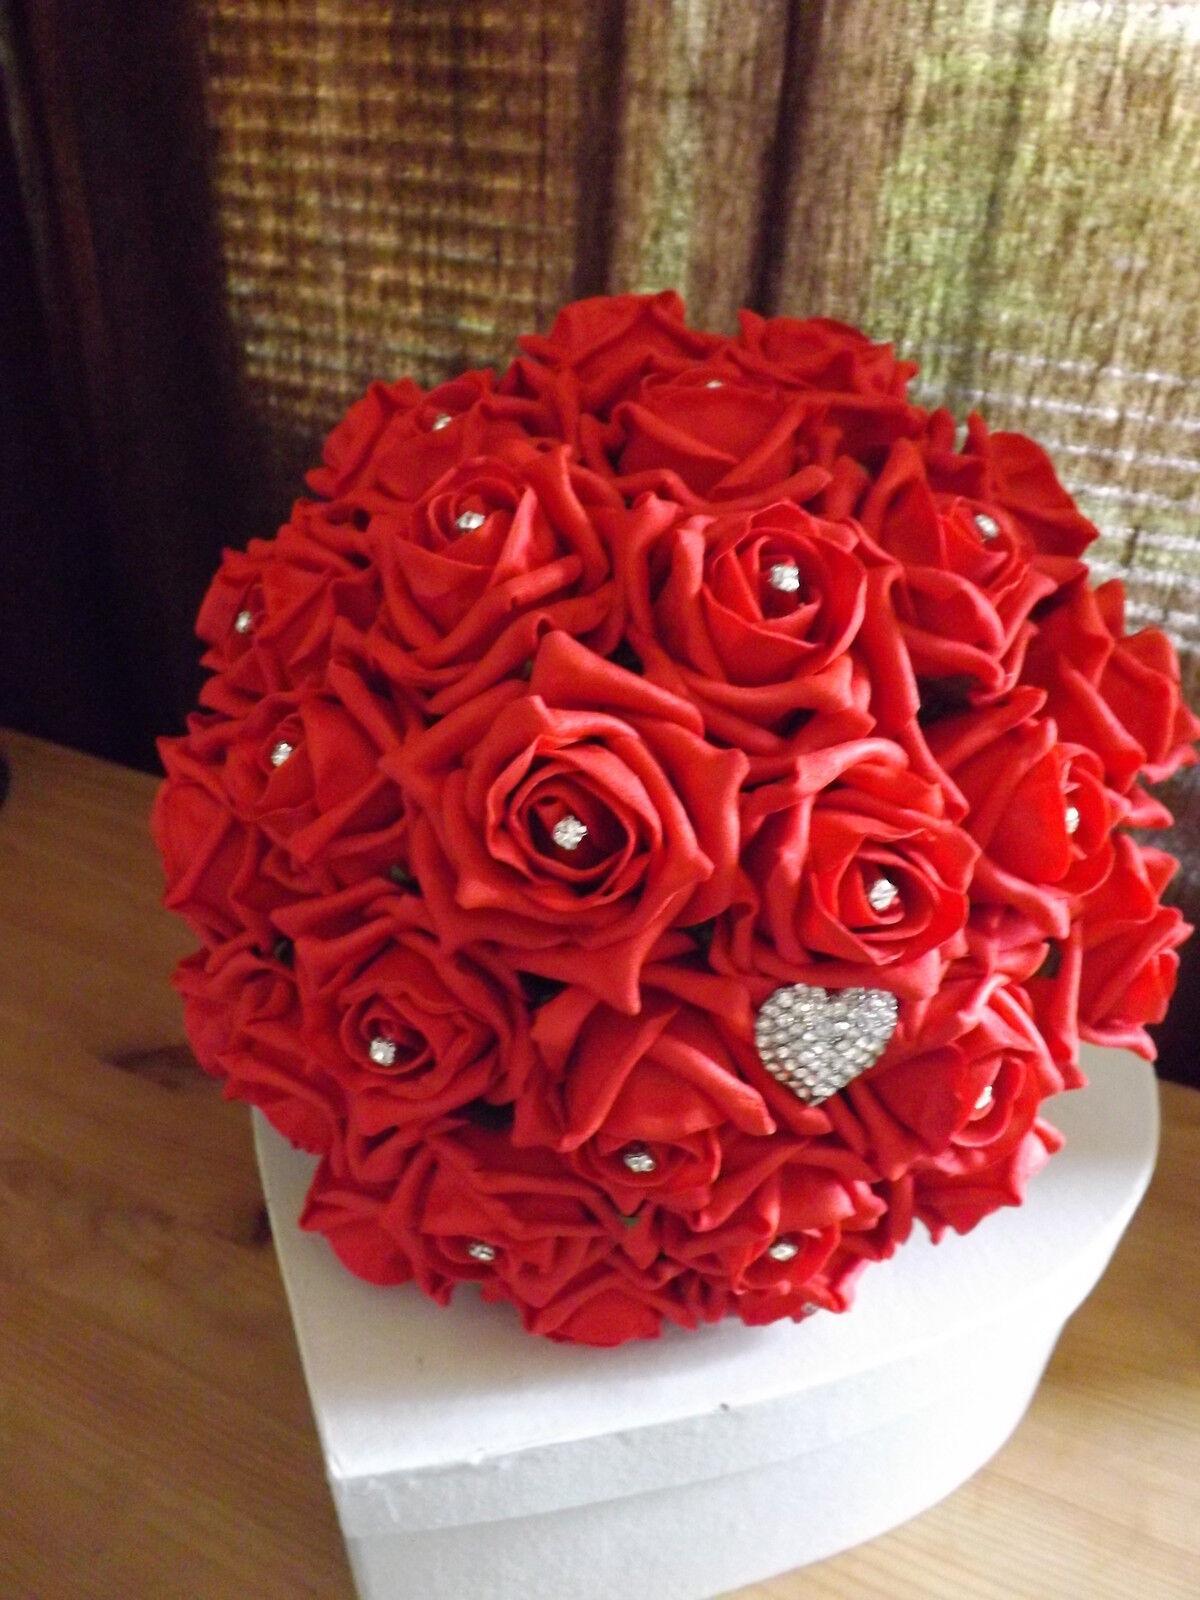 Mariage Fleurs Paquet brides Maids boutonnières Rouge & Ivoire Mousse Roses & strass